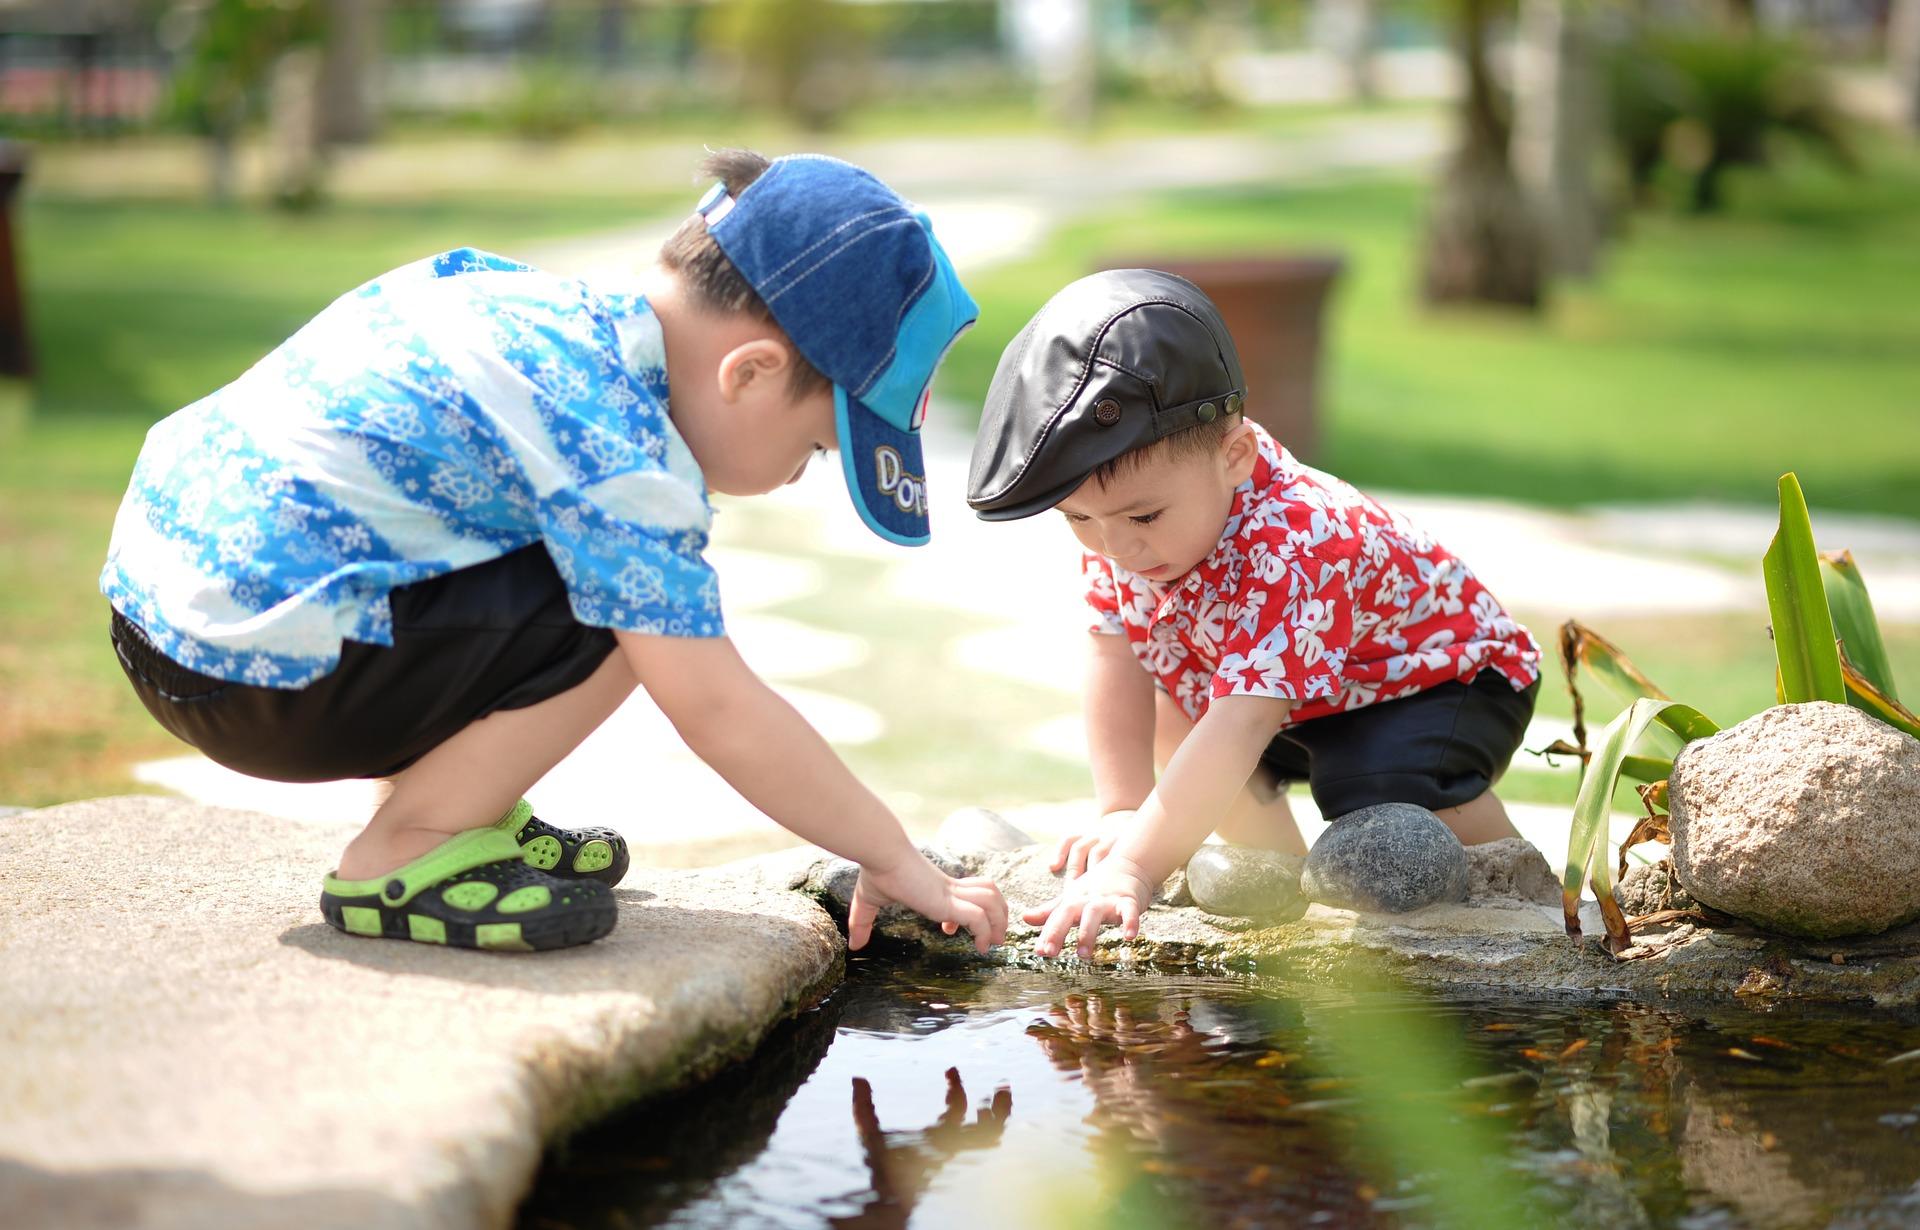 Utemiljön och social hälsa, lekande barn.